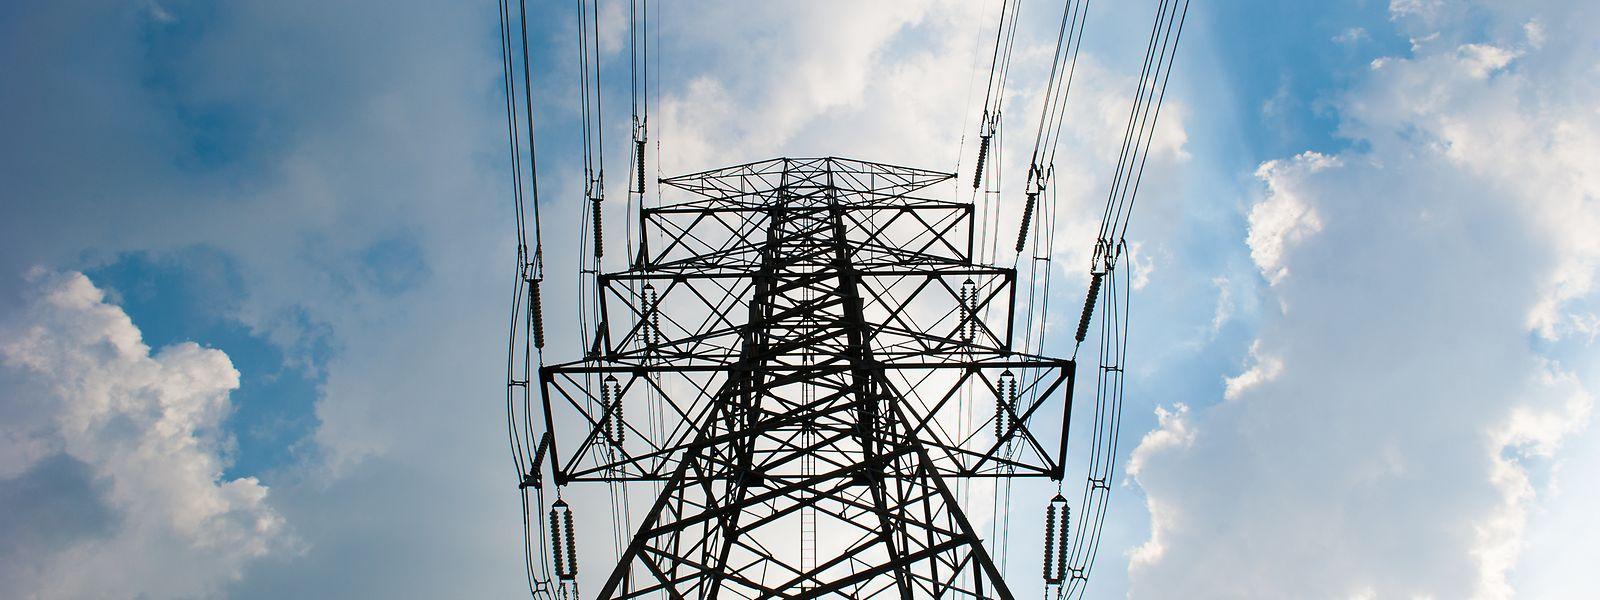 L'industrie luxembourgeoise consomme chaque année plus de 50% de l'électricité circulant sur le réseau.